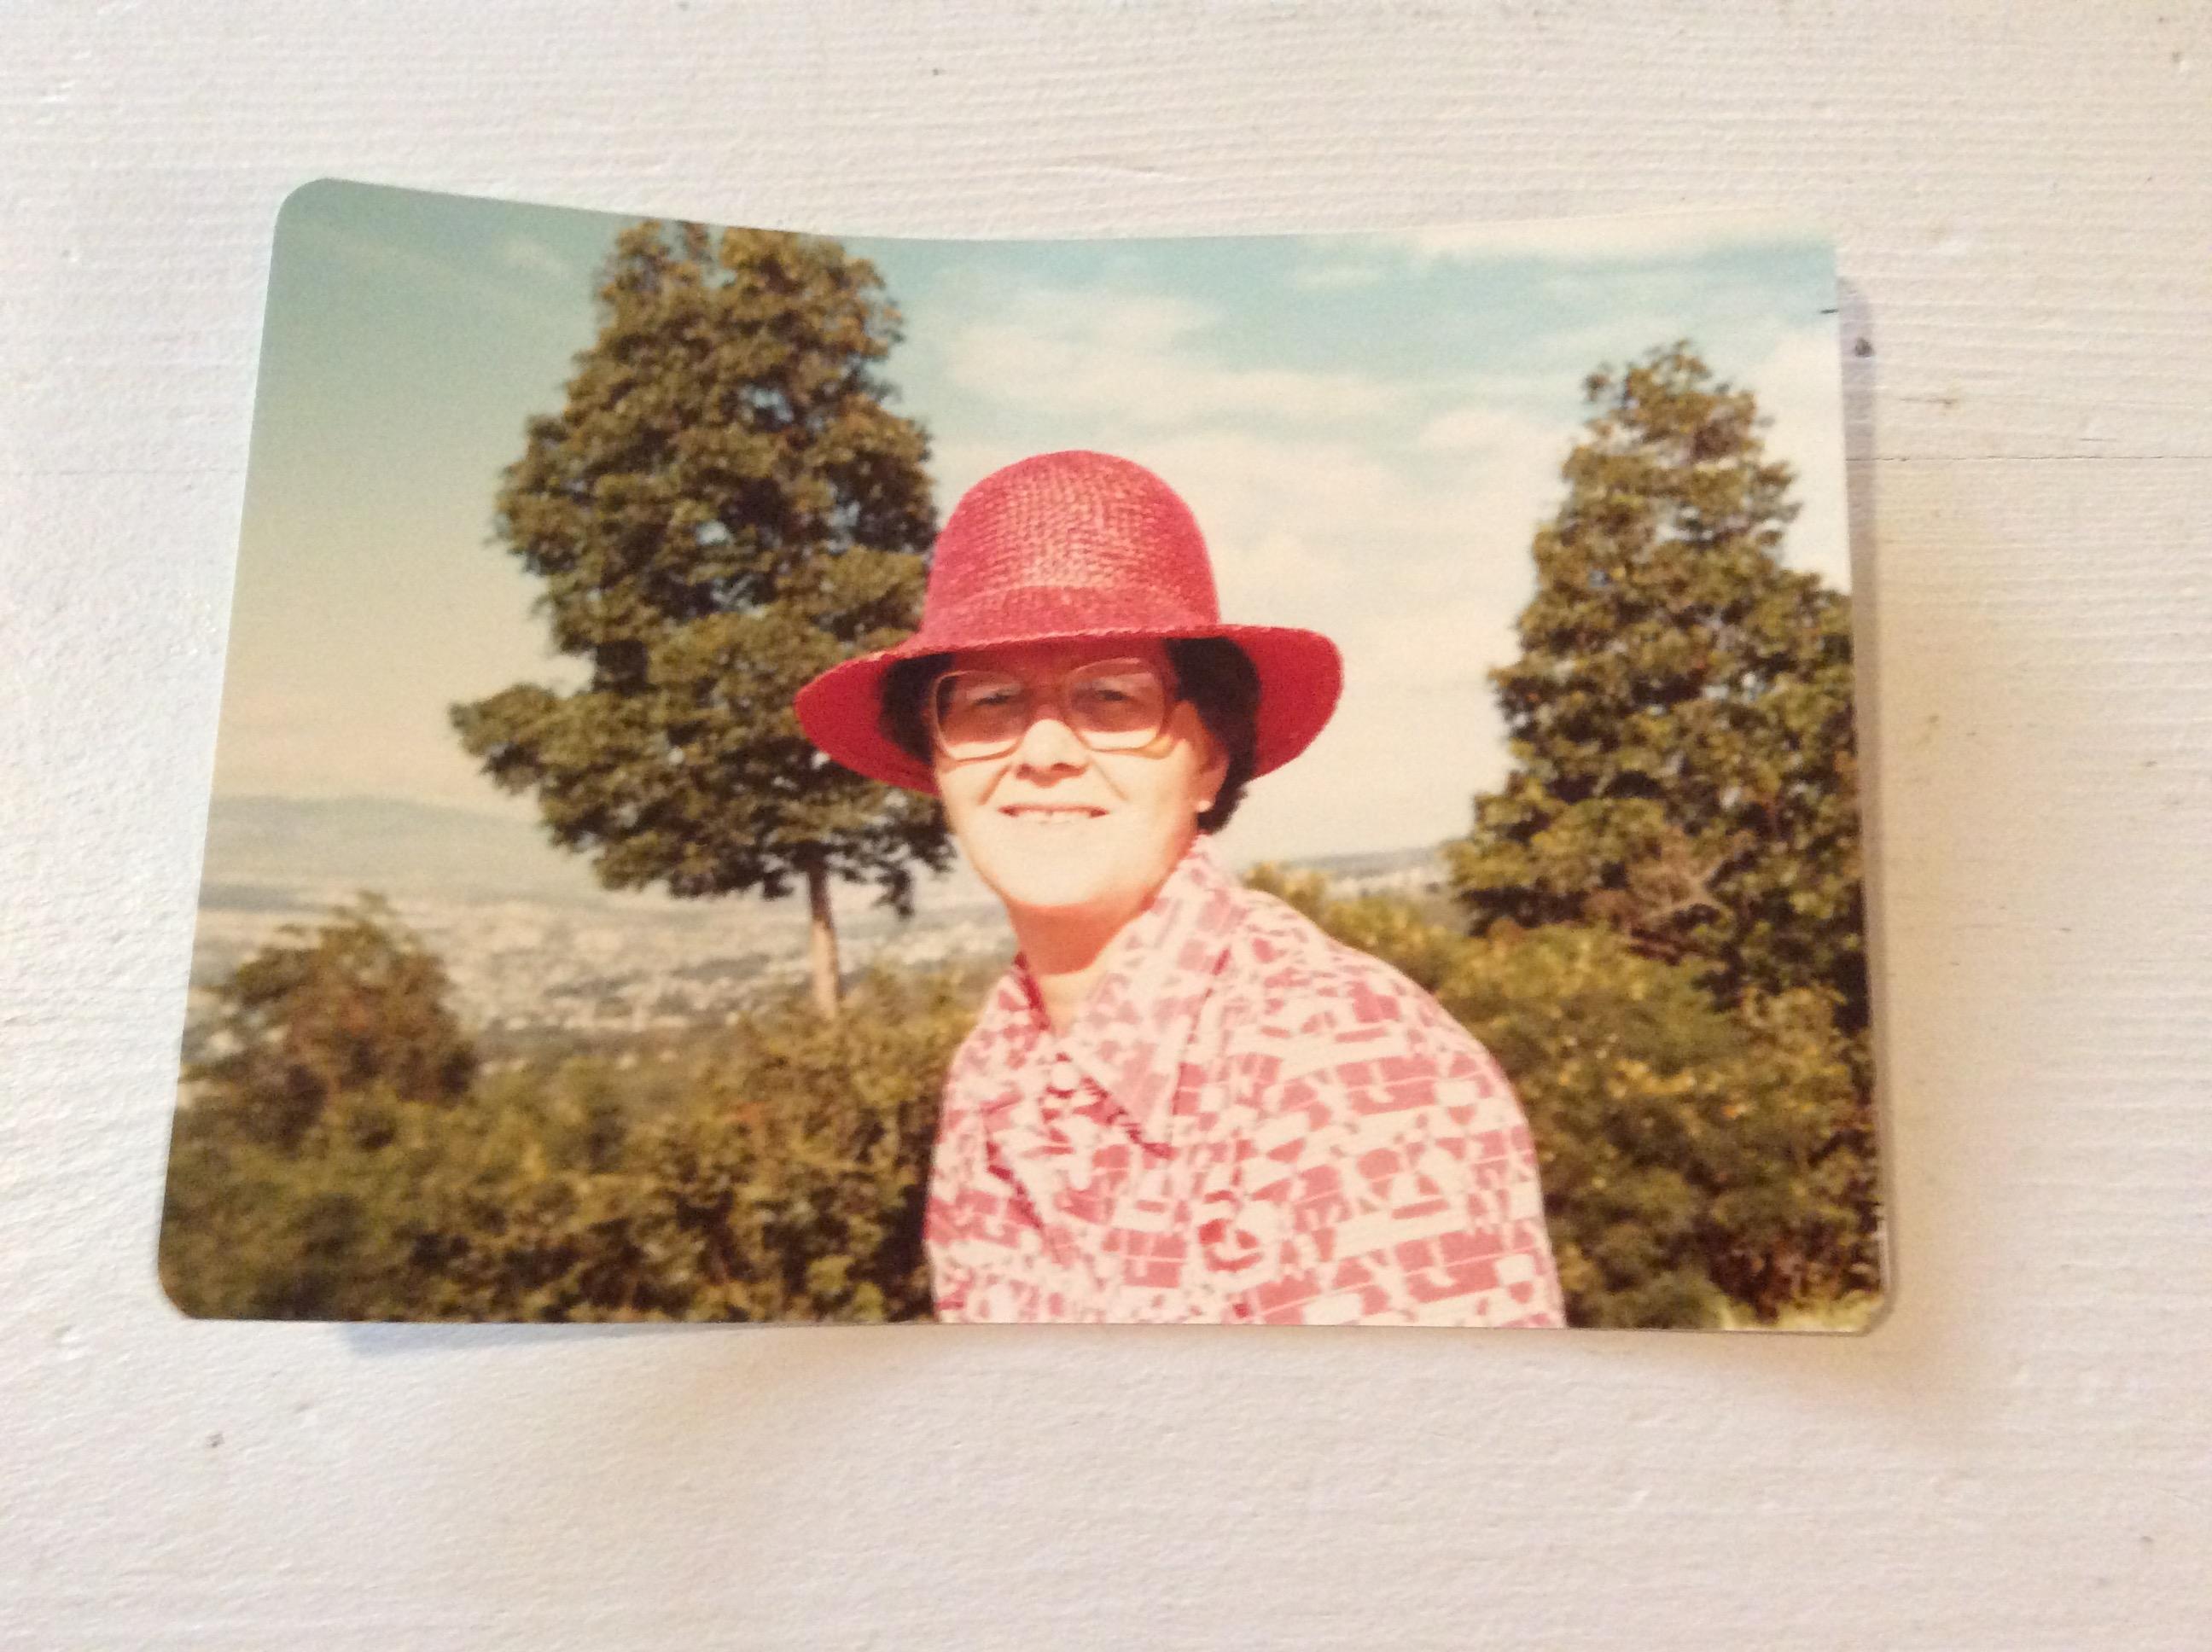 Maureen O'Shea in Hawaii, 1980